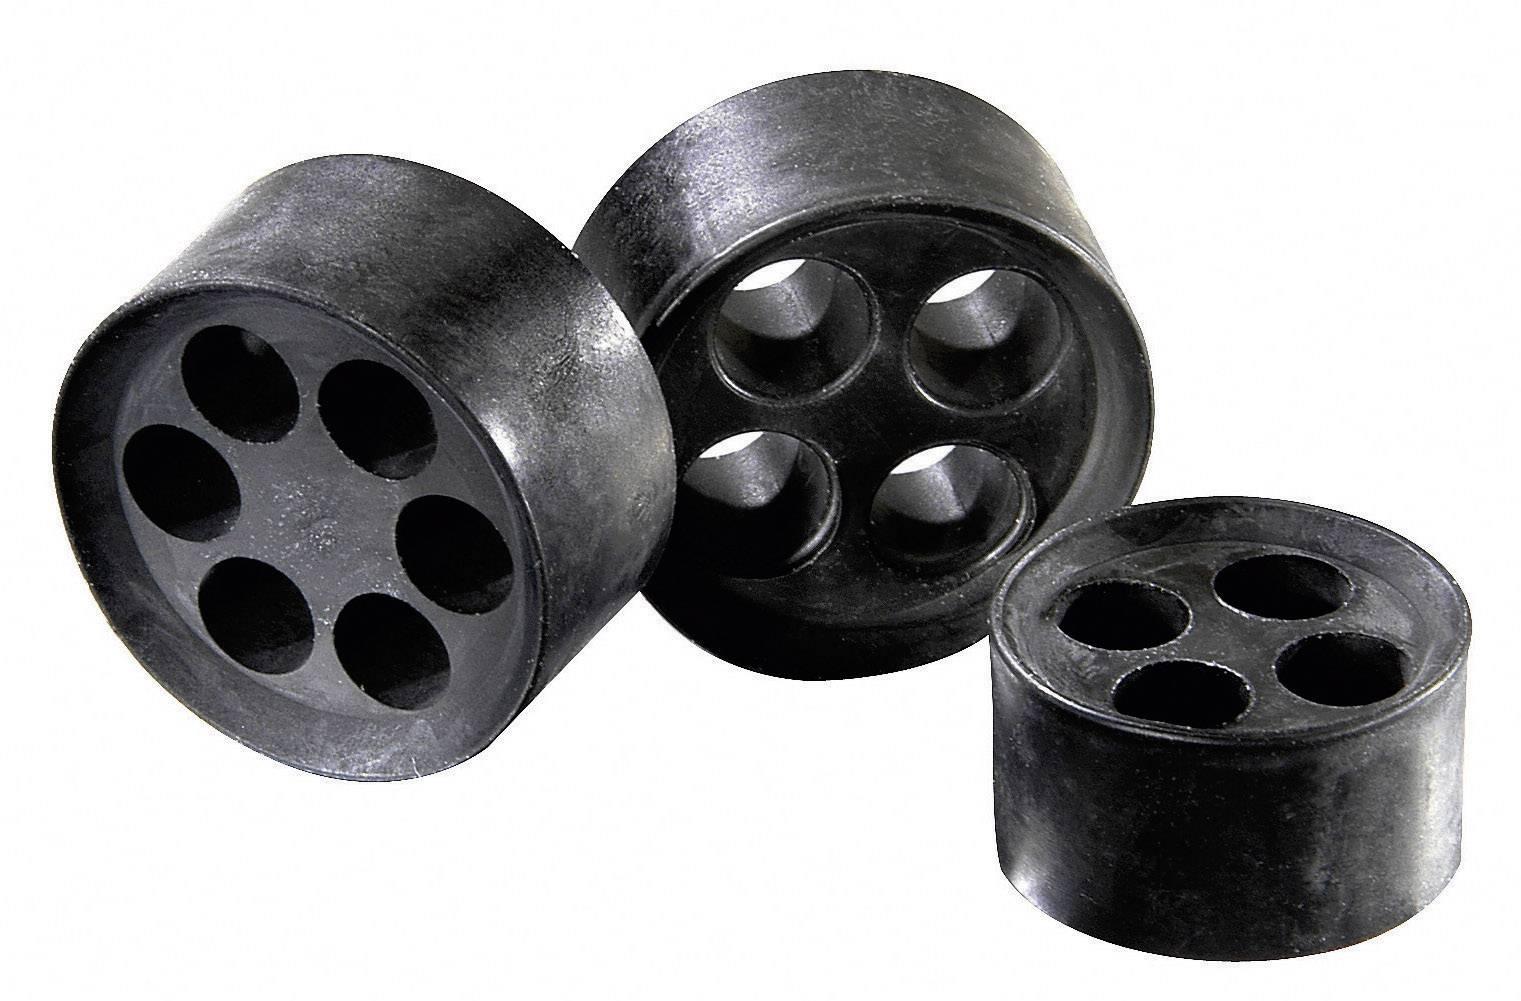 Těsnicí vložka M40 Wiska MFD 40/07/070 (10064348), IP66, M40, elastomer, černá